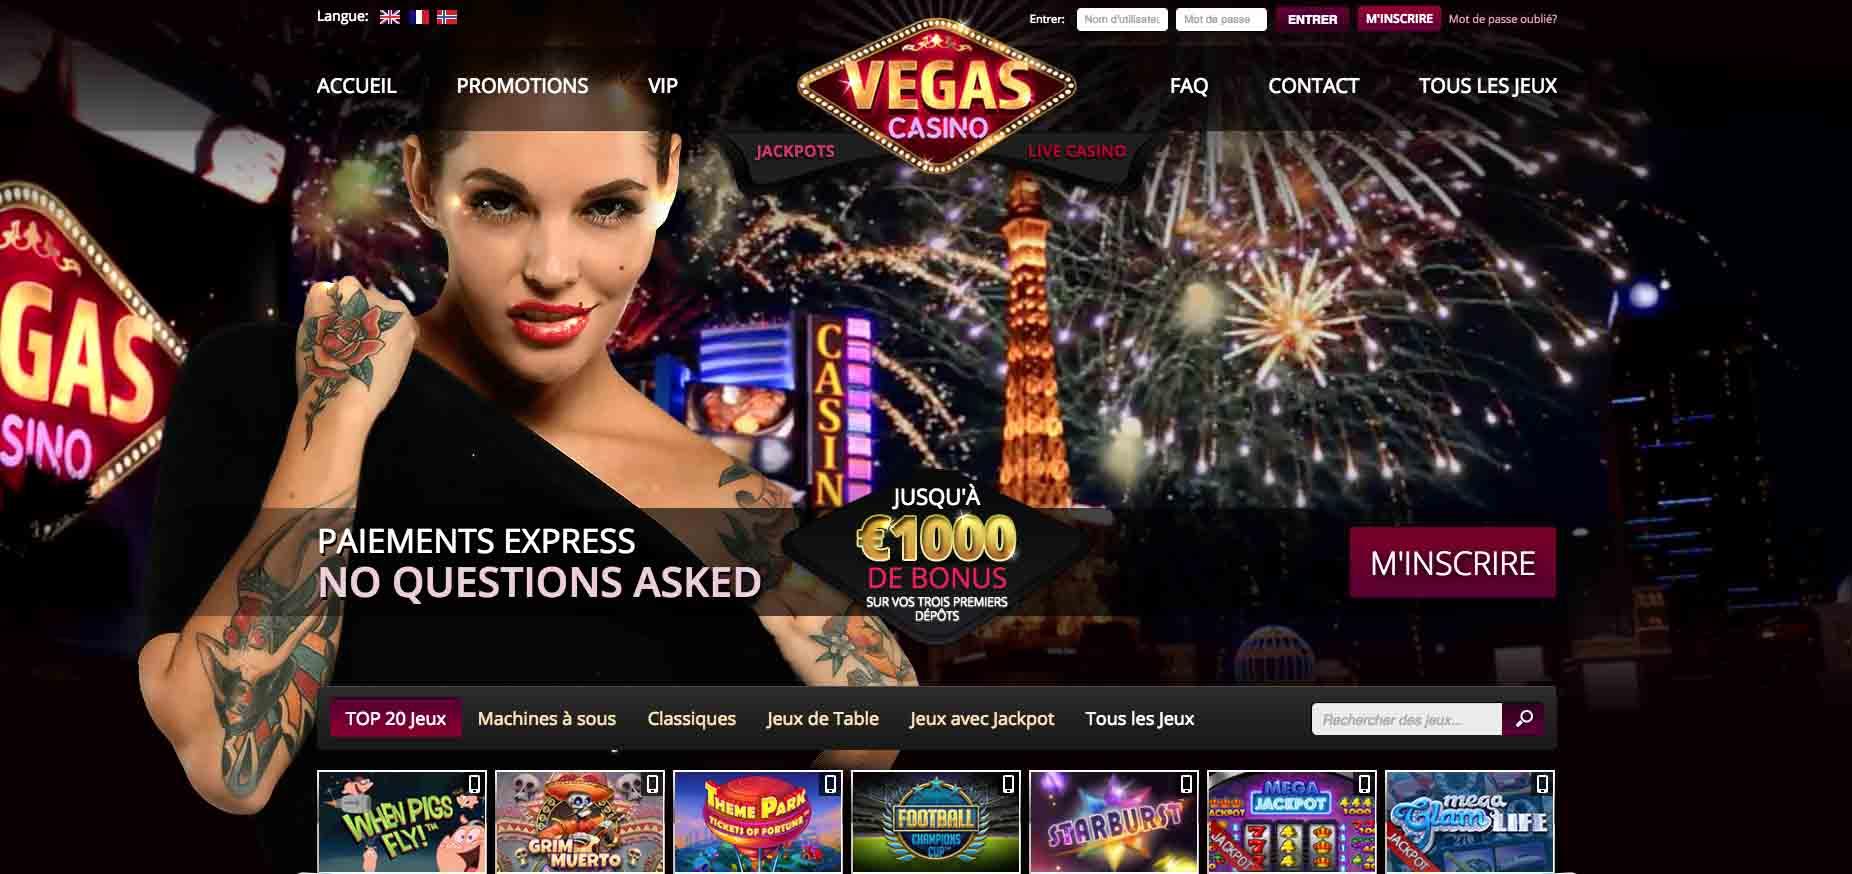 ou-trouver-les-meilleurs-casinos-en-ligne-vegas-casino